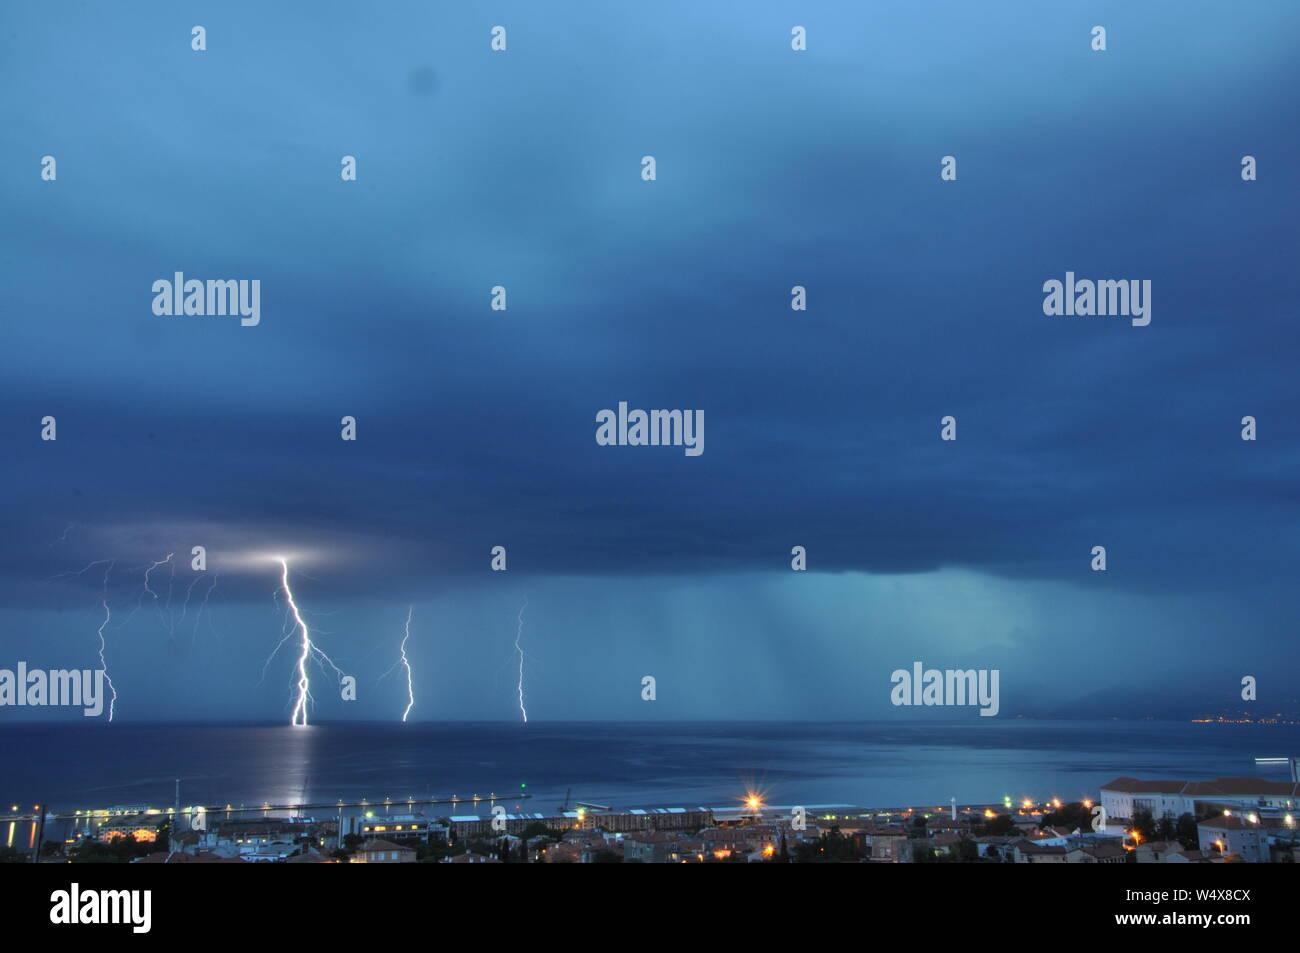 Orage et nuages orageux avec pluie dans la nuit. Tempête de nuages avec la foudre Banque D'Images